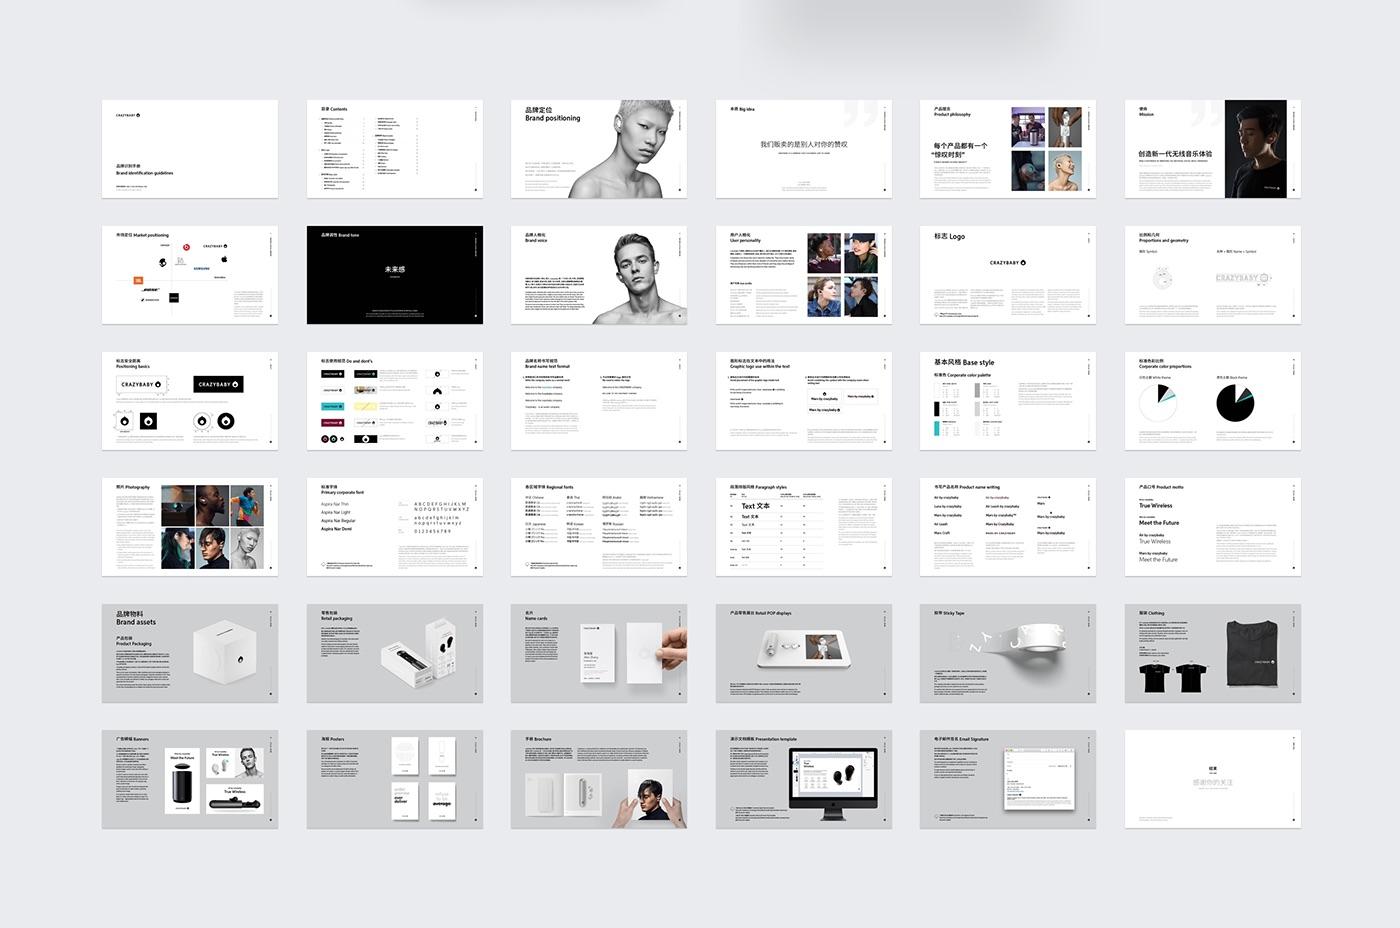 branding  app Webdesign logo UI ux ILLUSTRATION  Render 3D music